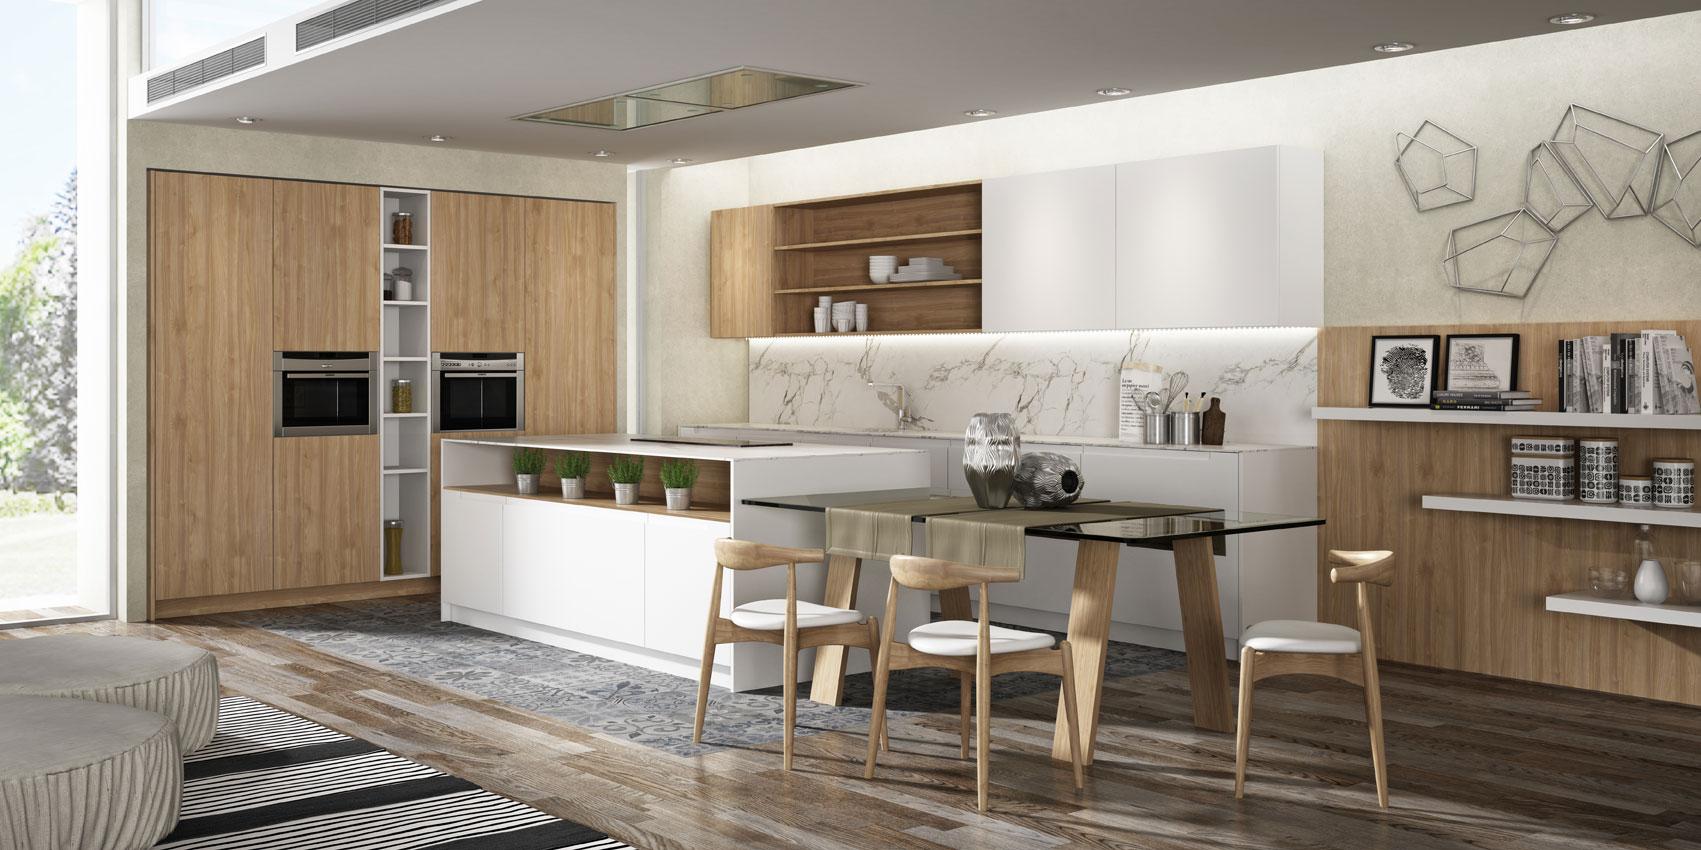 Cocina abierta dise o e instalaci n de cocinas idecocina for Disenos cocinas abiertas